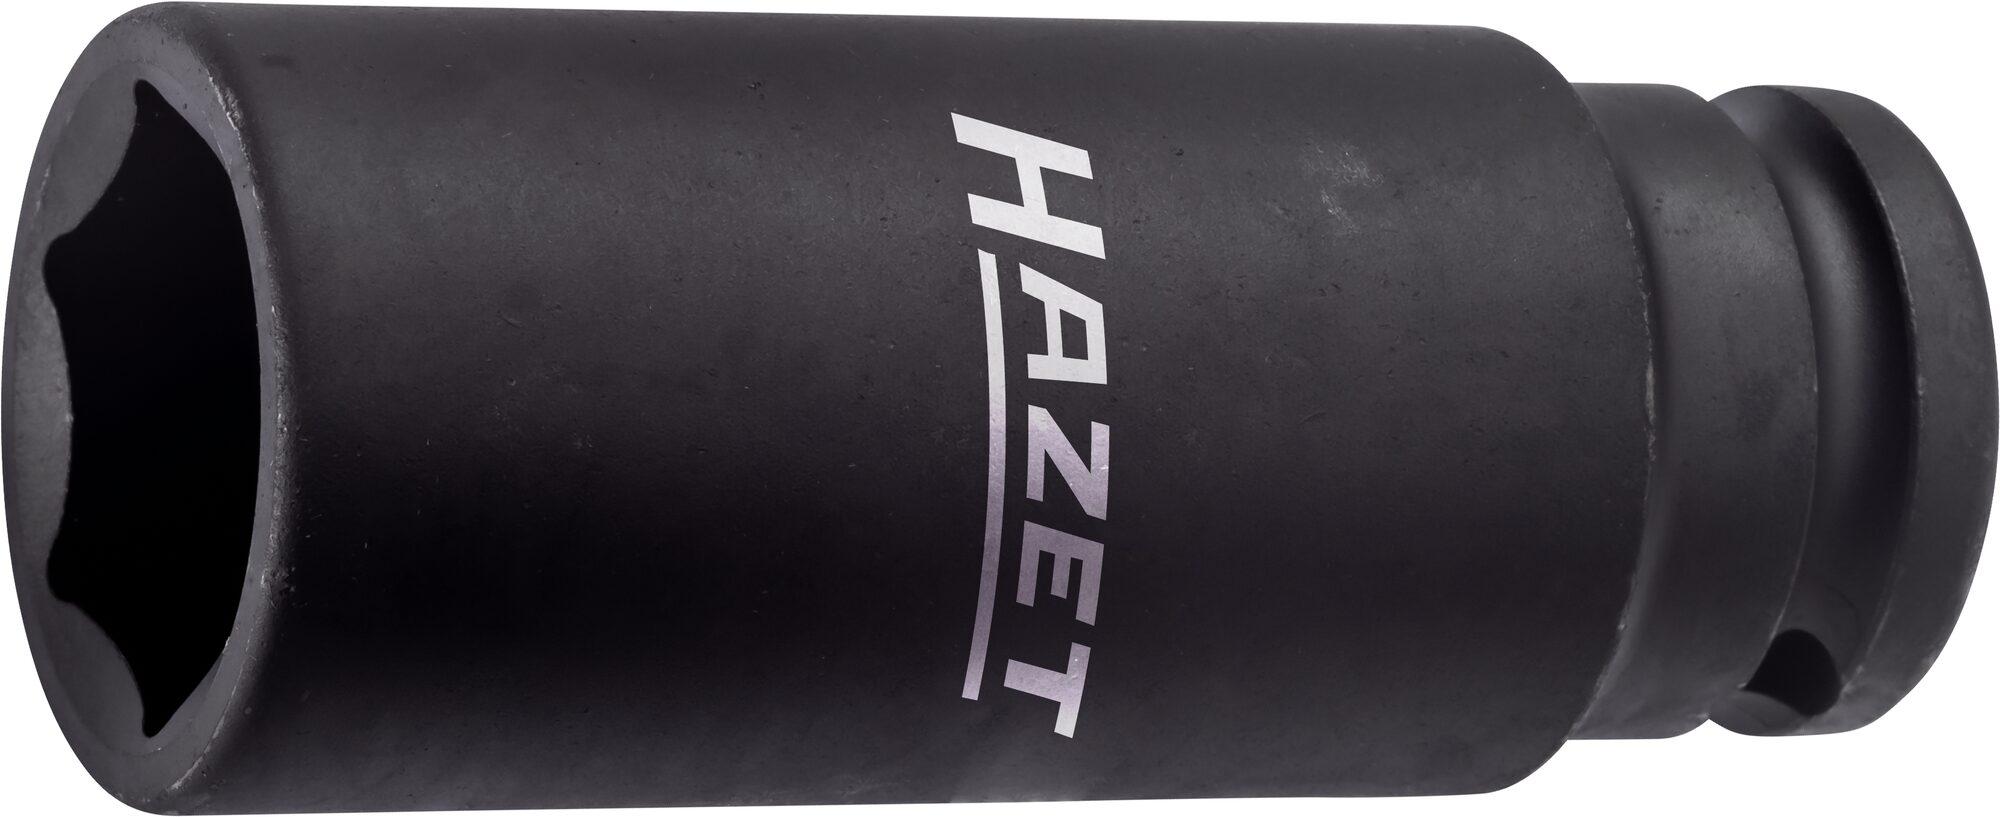 HAZET Schlag- ∙ Maschinenschrauber Steckschlüsseleinsatz ∙ Sechskant 900SLG-19 ∙ Vierkant hohl 12,5 mm (1/2 Zoll)